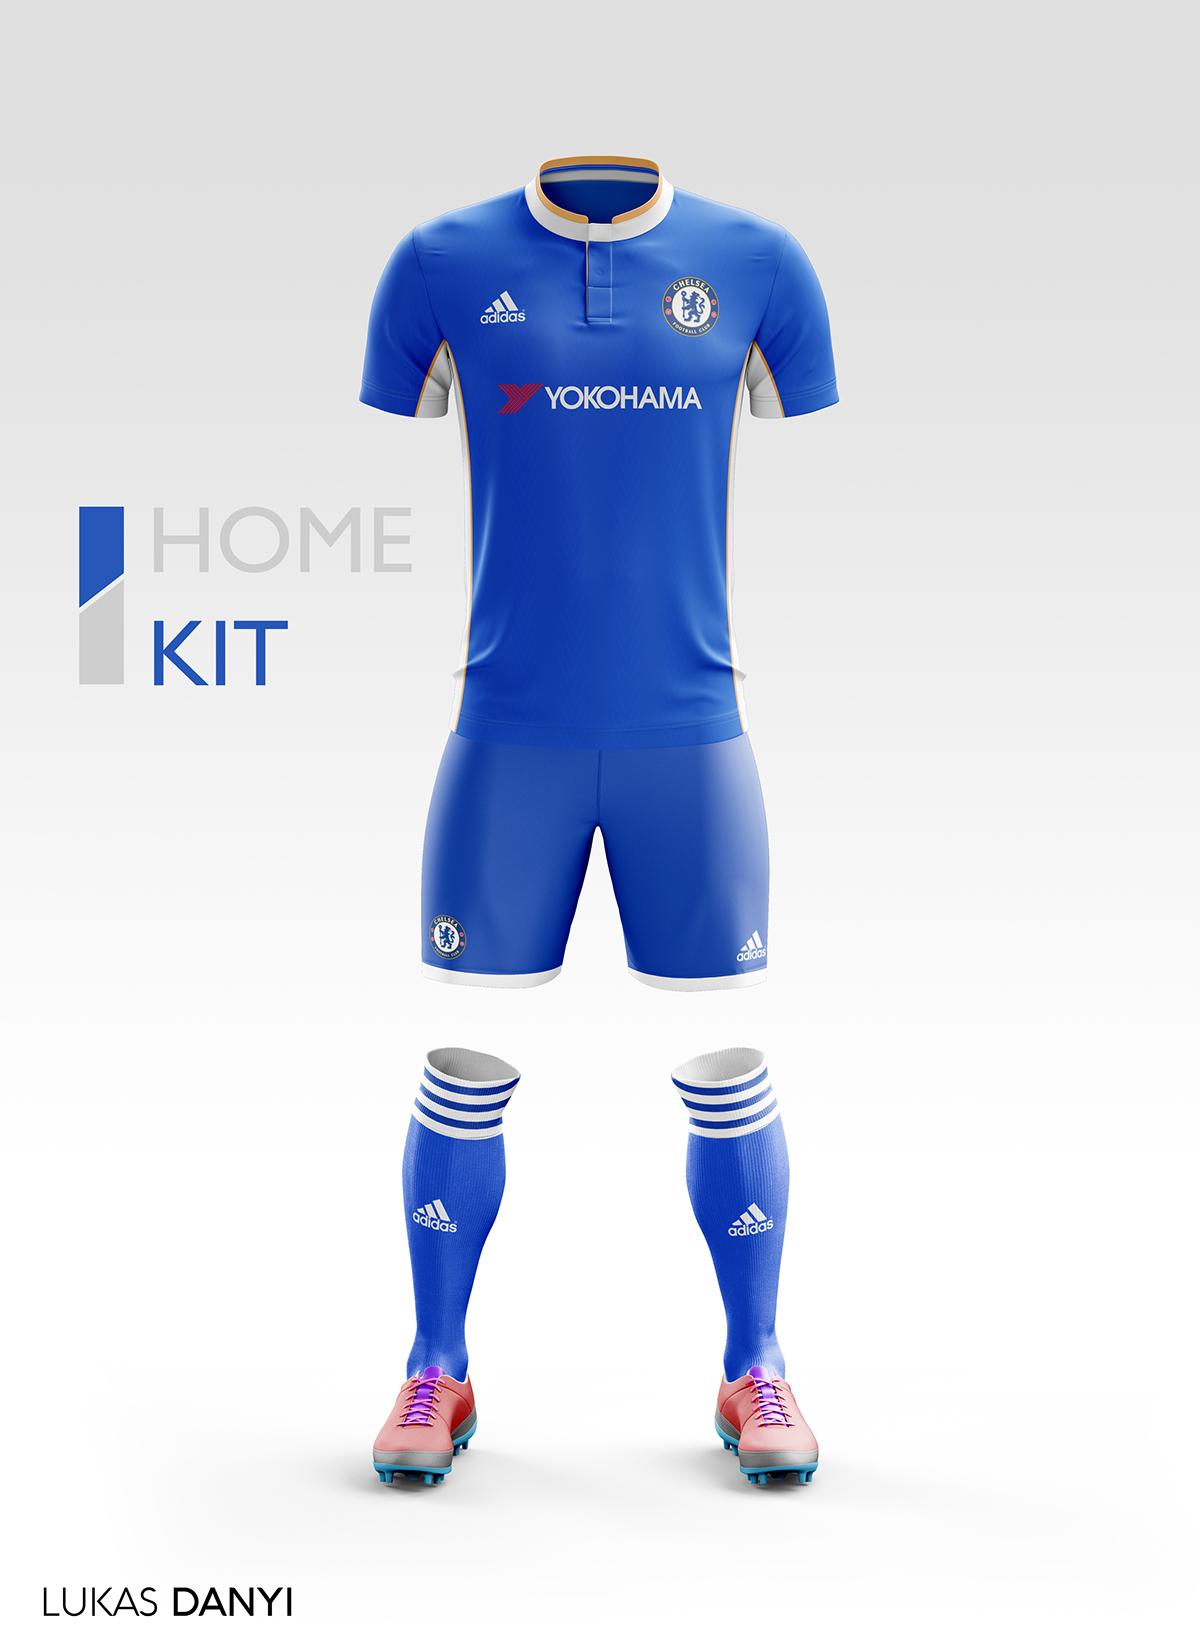 Chelsea FC Football Kit 17 18. on Behance ade77929f